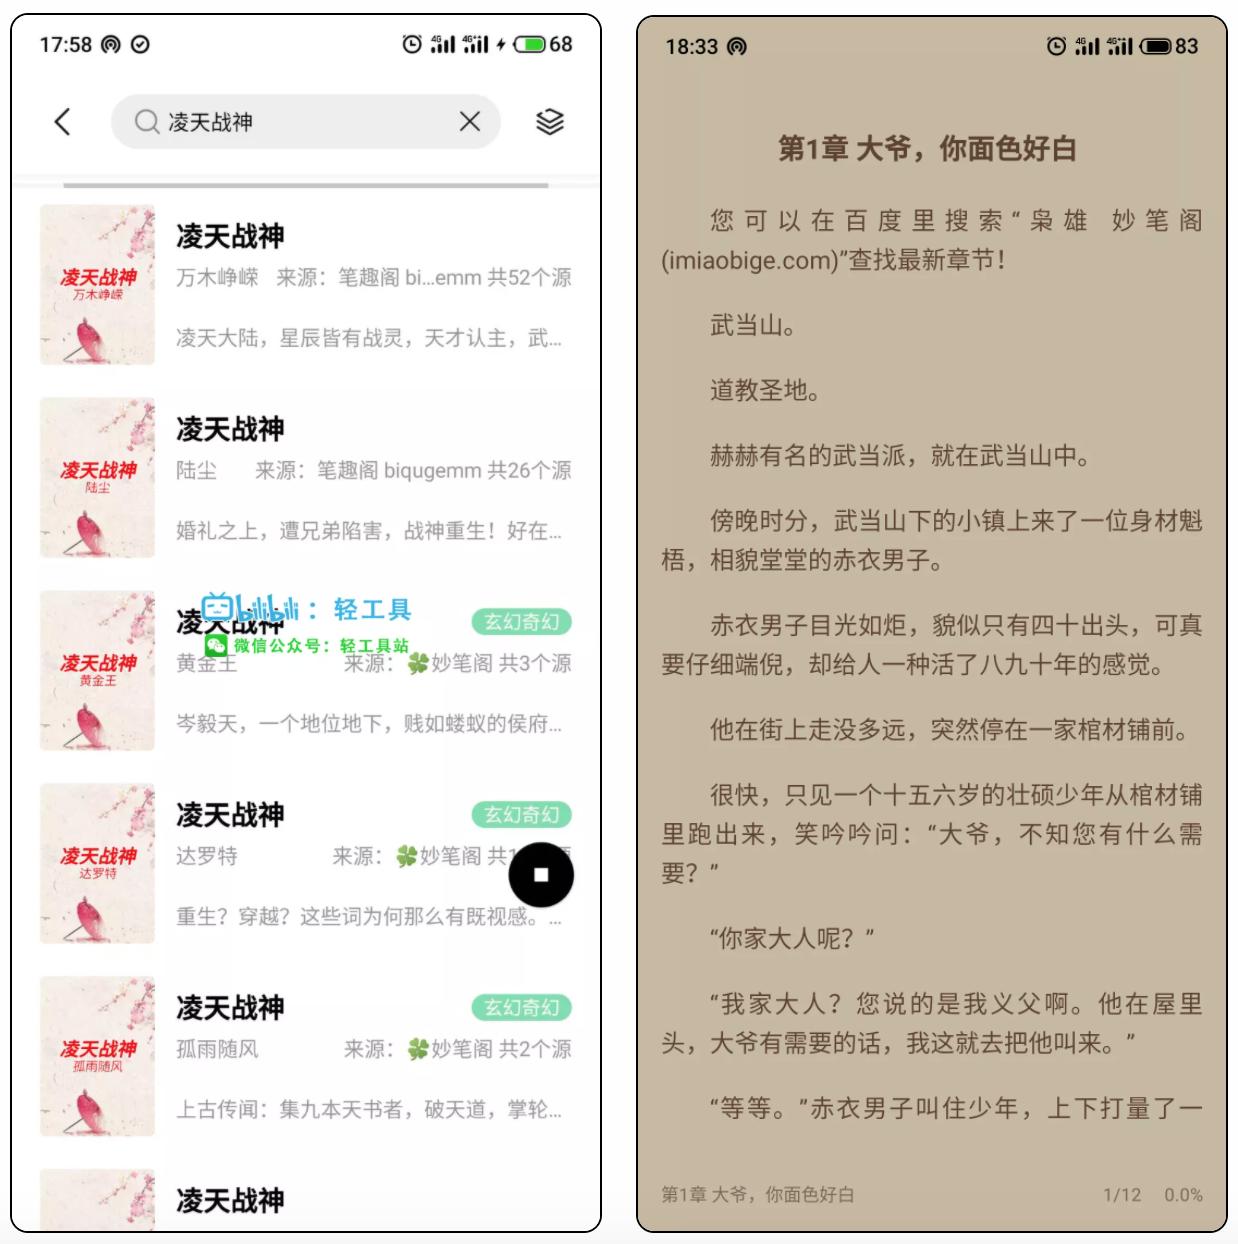 书香仓库—1000+资源 全部免费